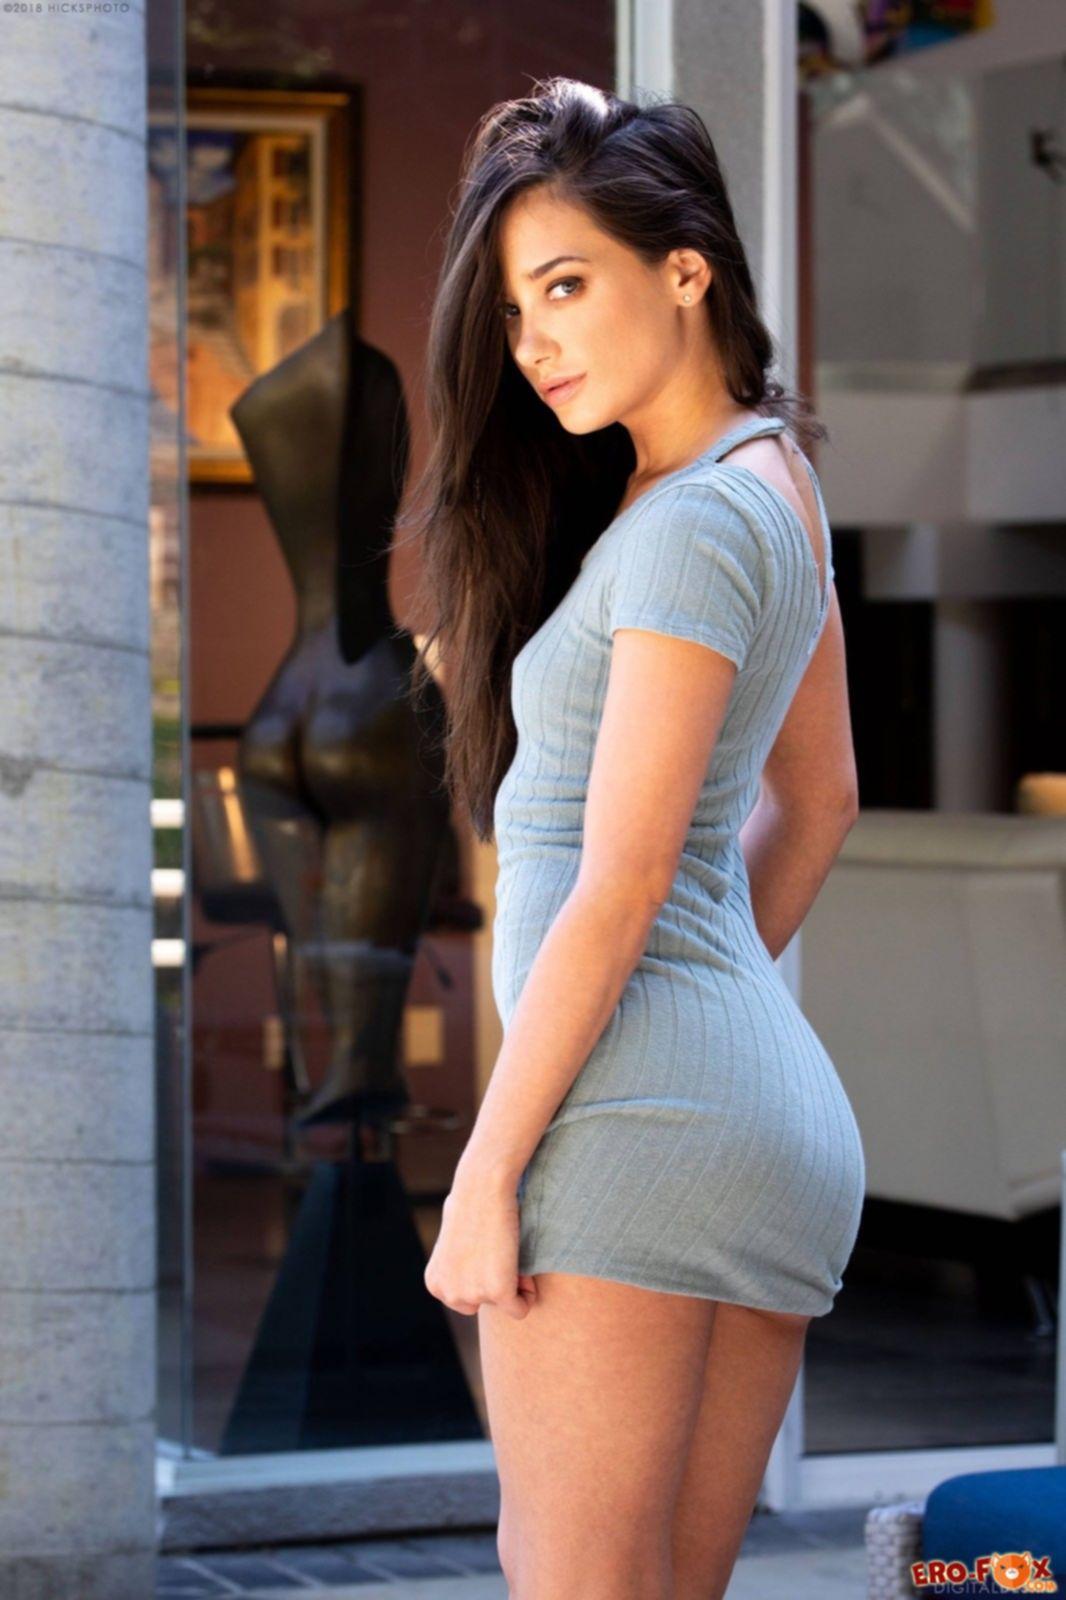 Красивая модель сняла платье и трусики - фото